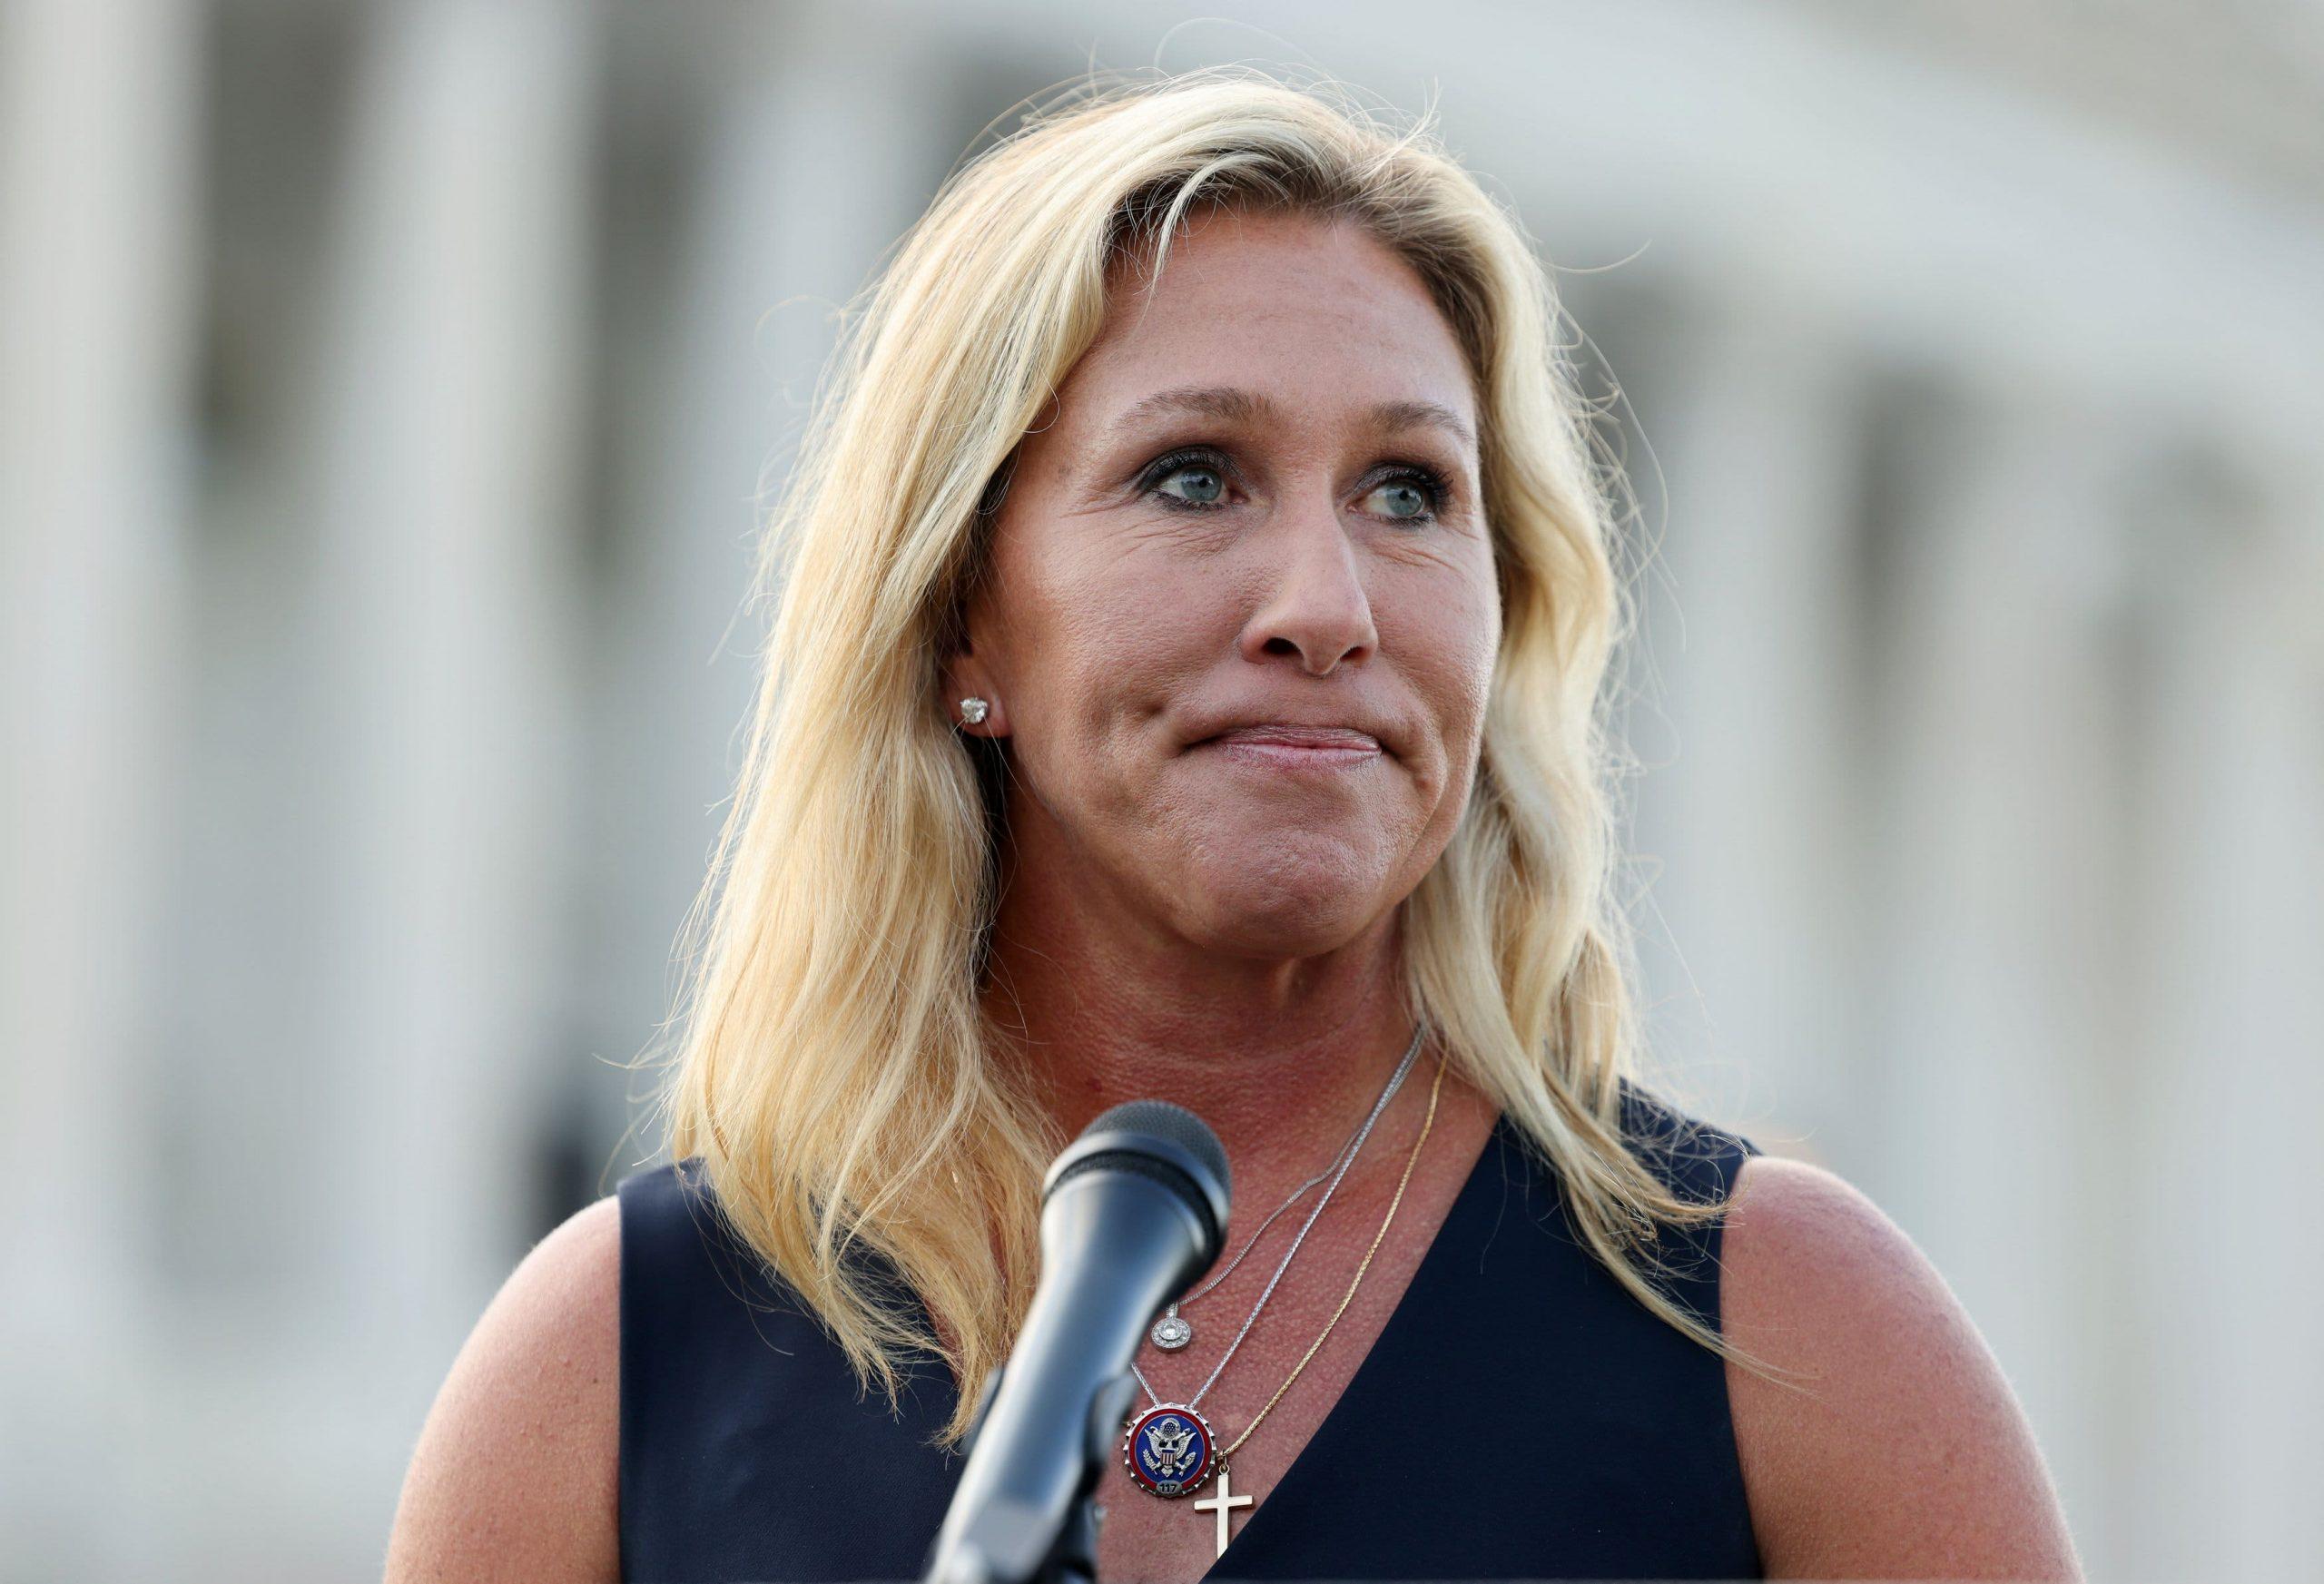 La representante Marjorie Taylor Greene se disculpa por los comentarios sobre el Holocausto mientras los demócratas avanzan hacia la censura